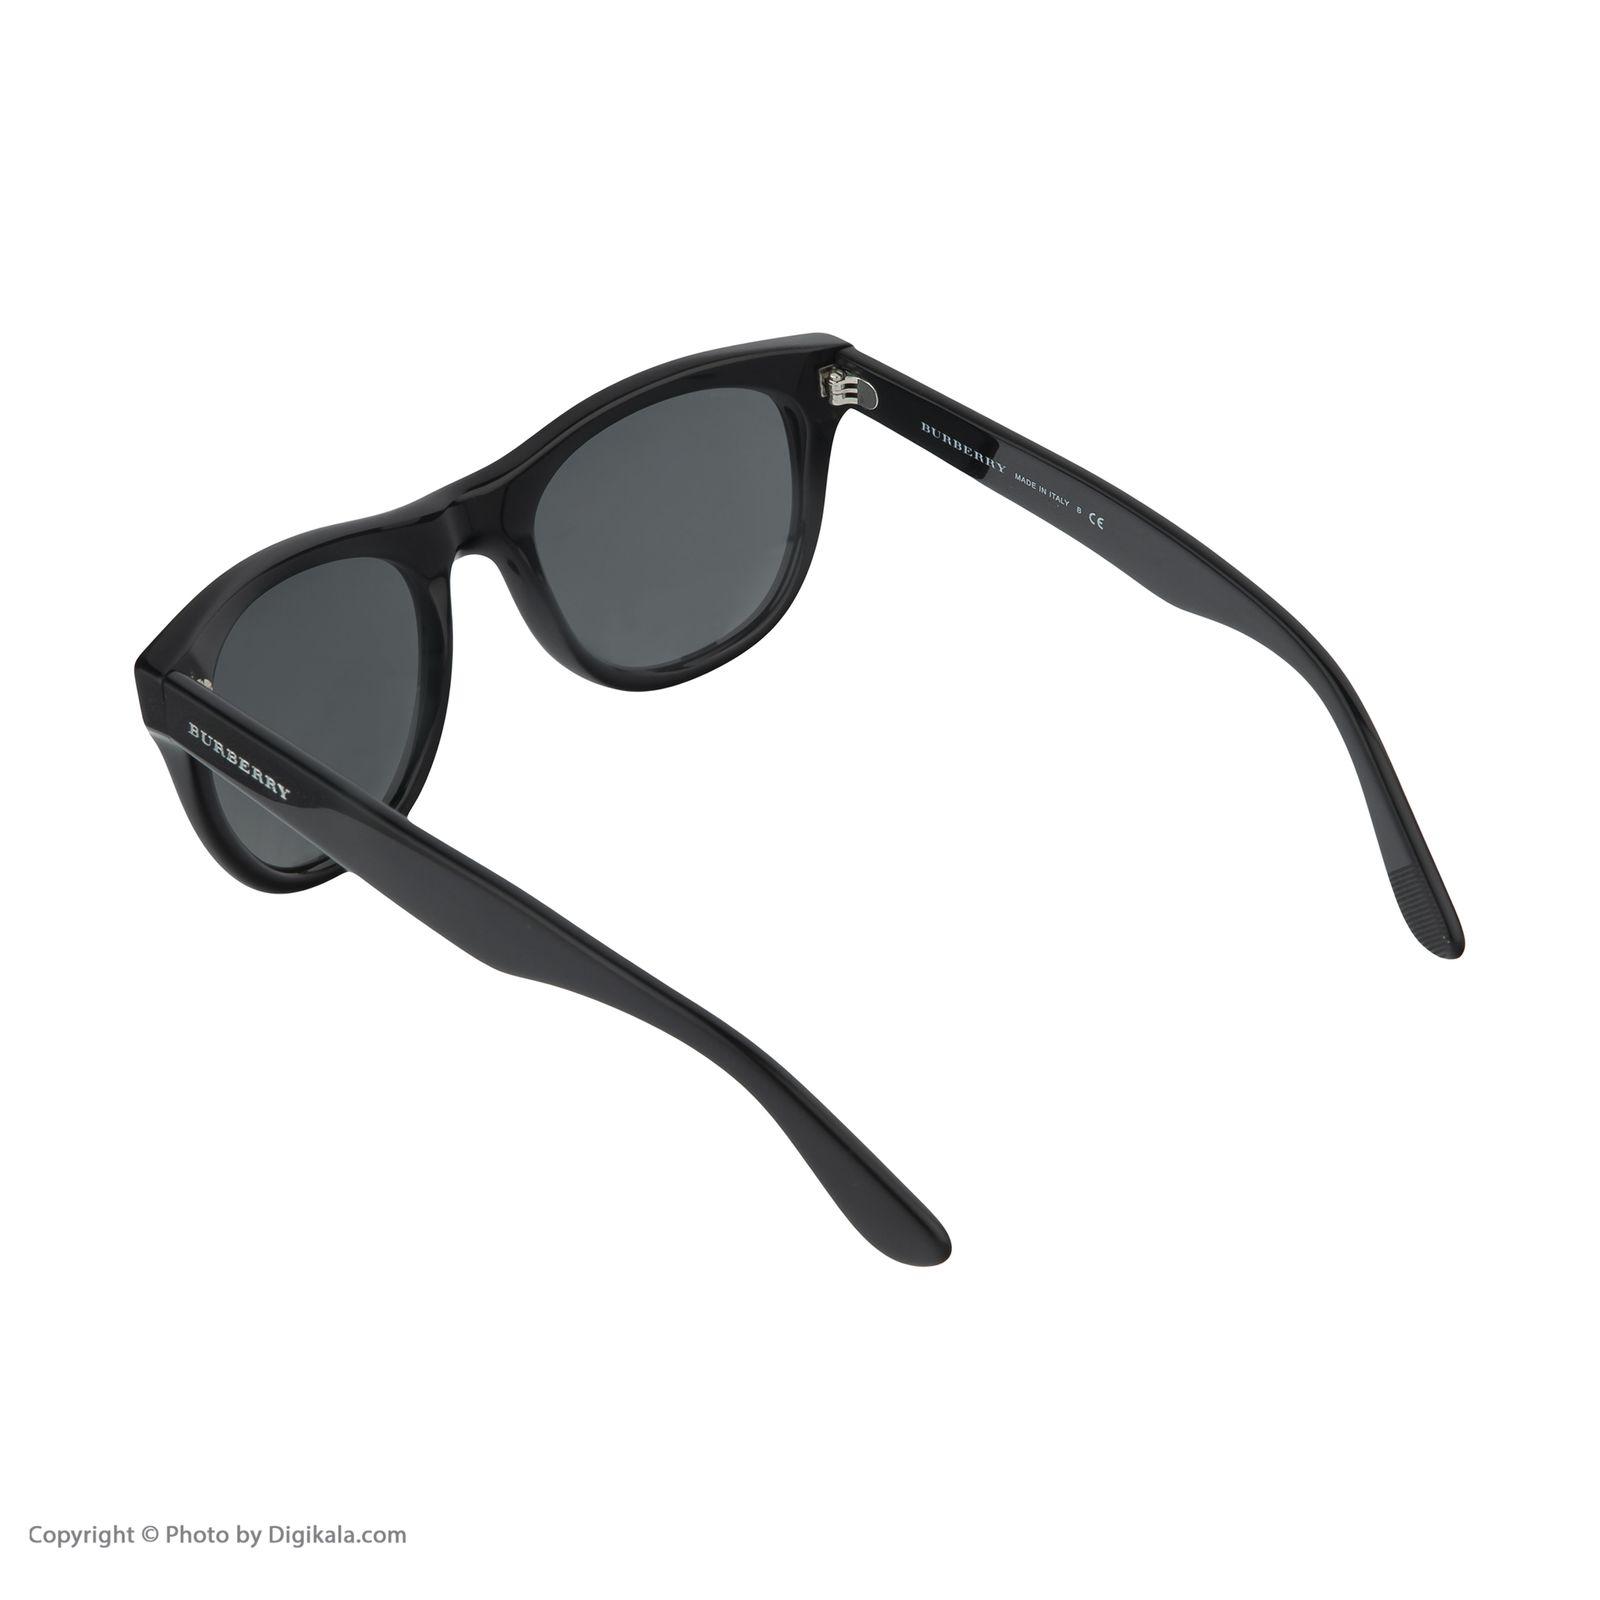 عینک آفتابی مردانه بربری مدل BE 4195S 300187 52 -  - 5